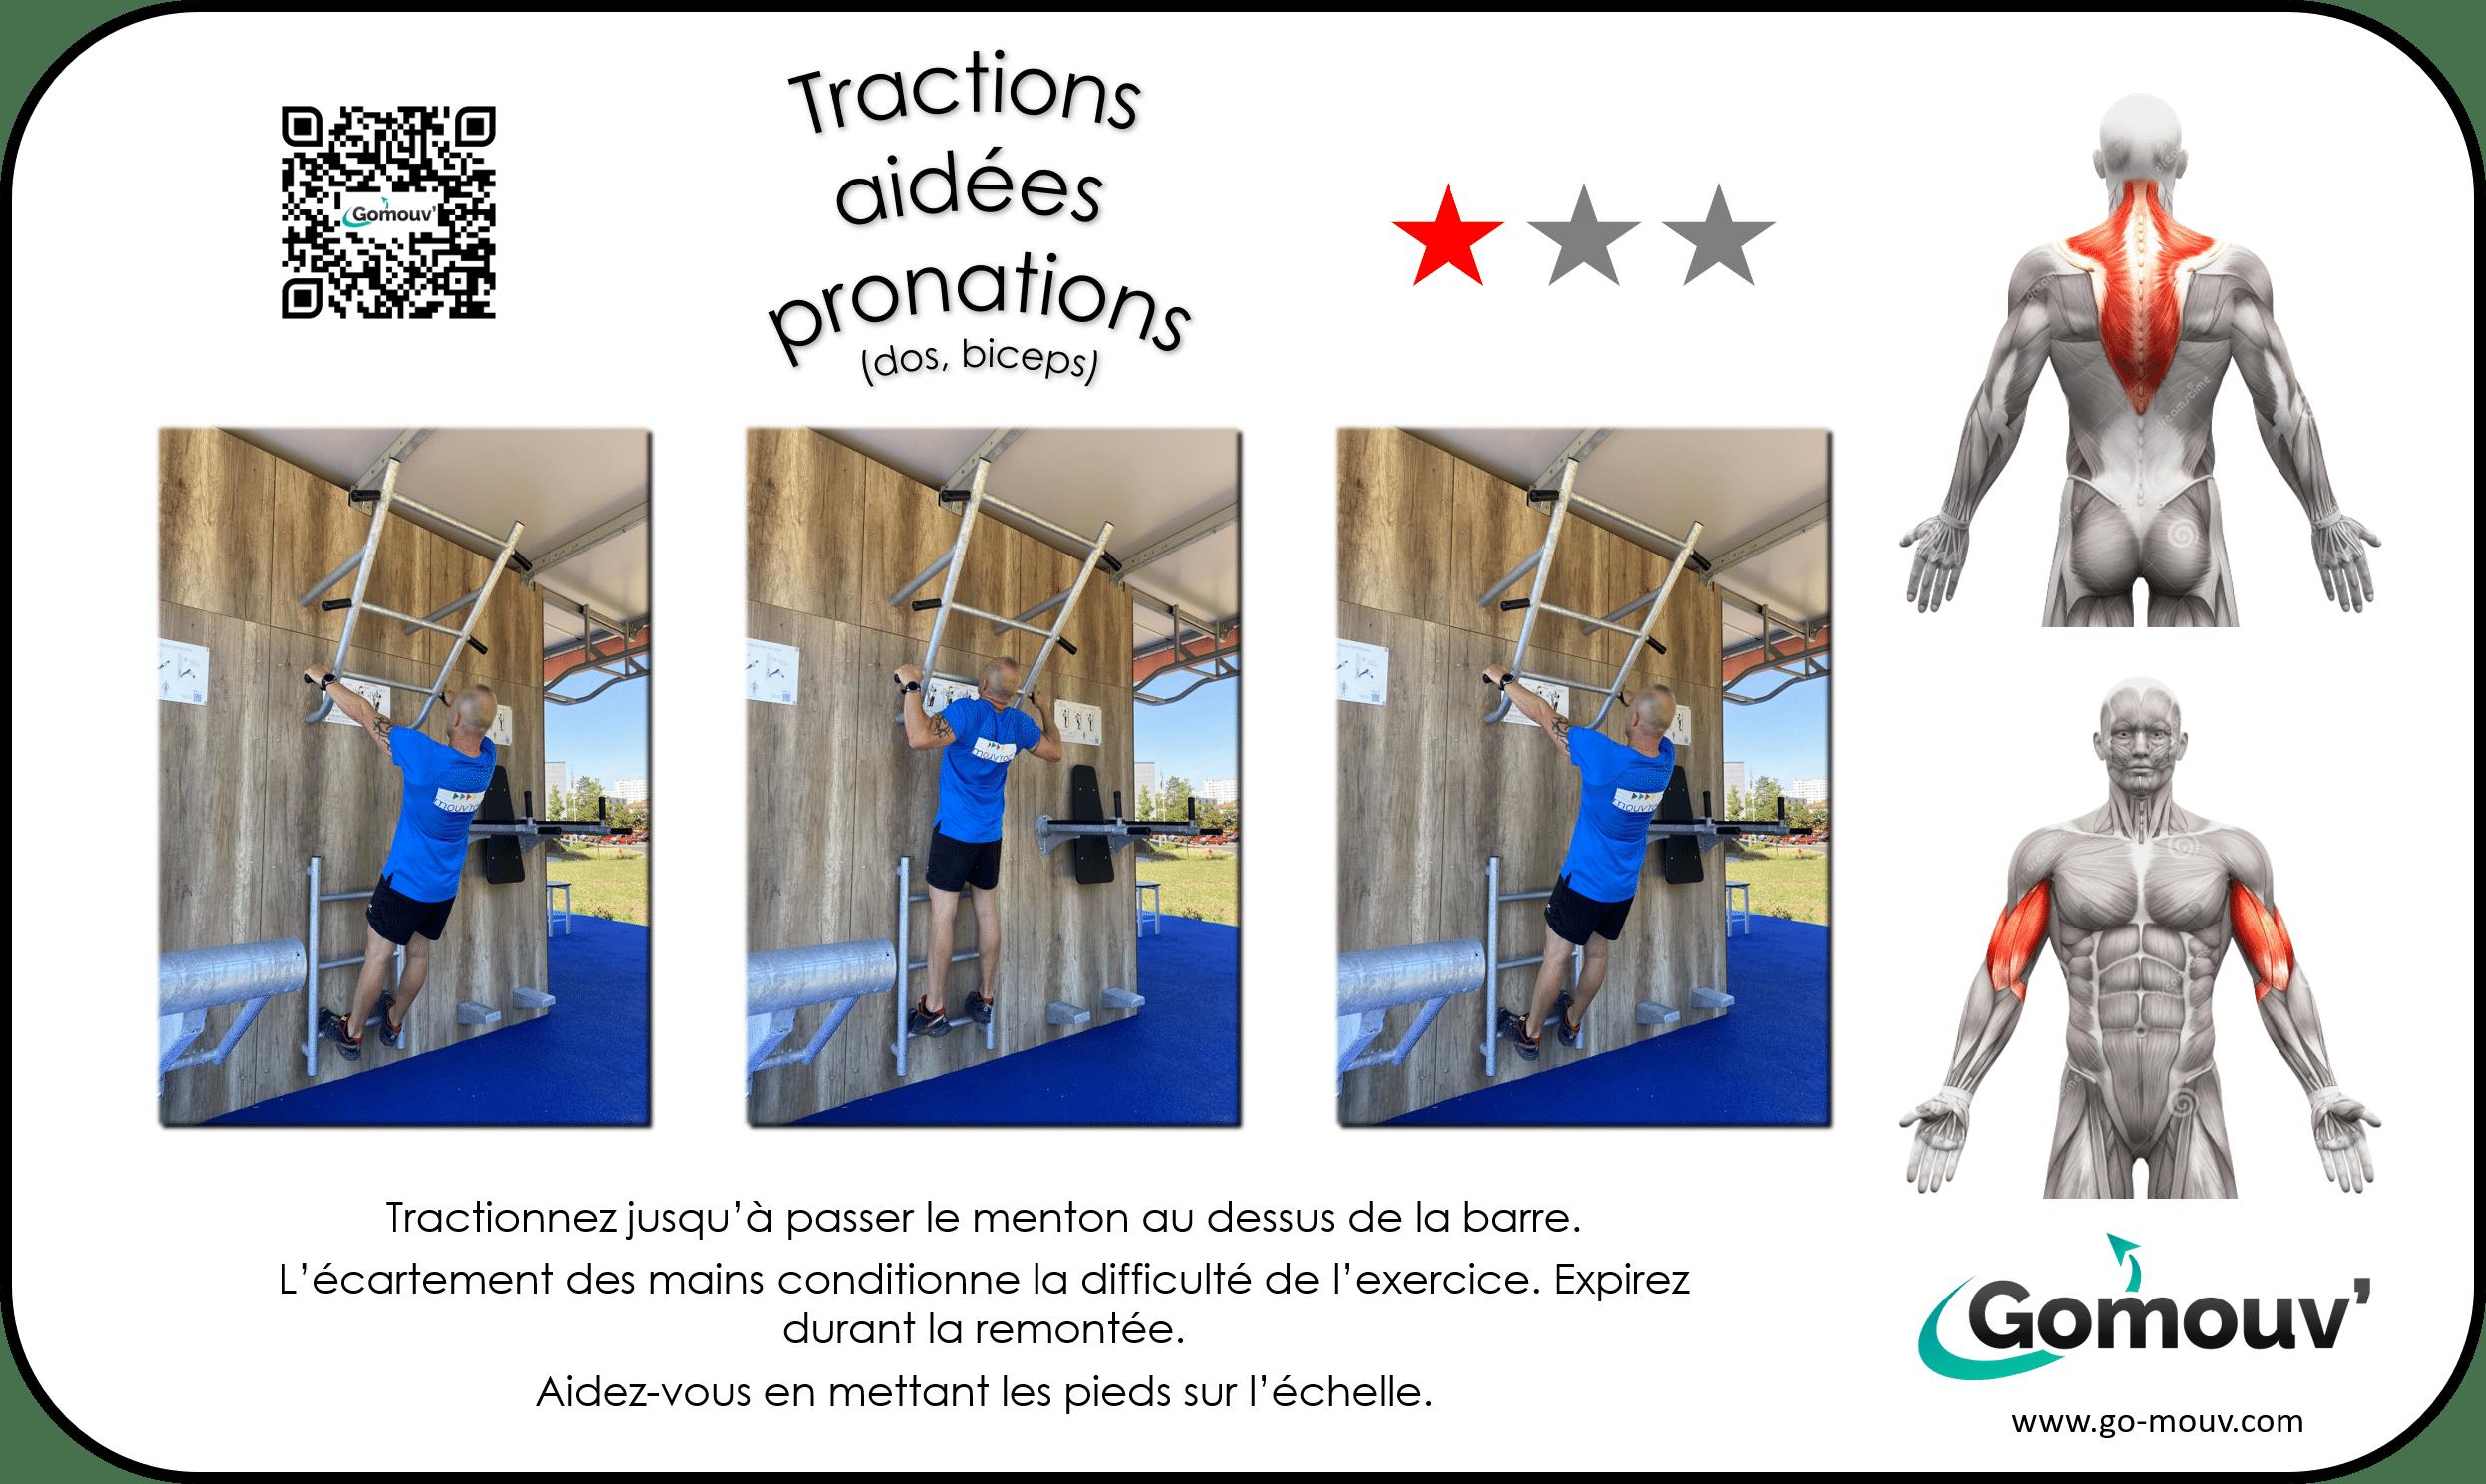 H - 02 - Tractions aidées pronations